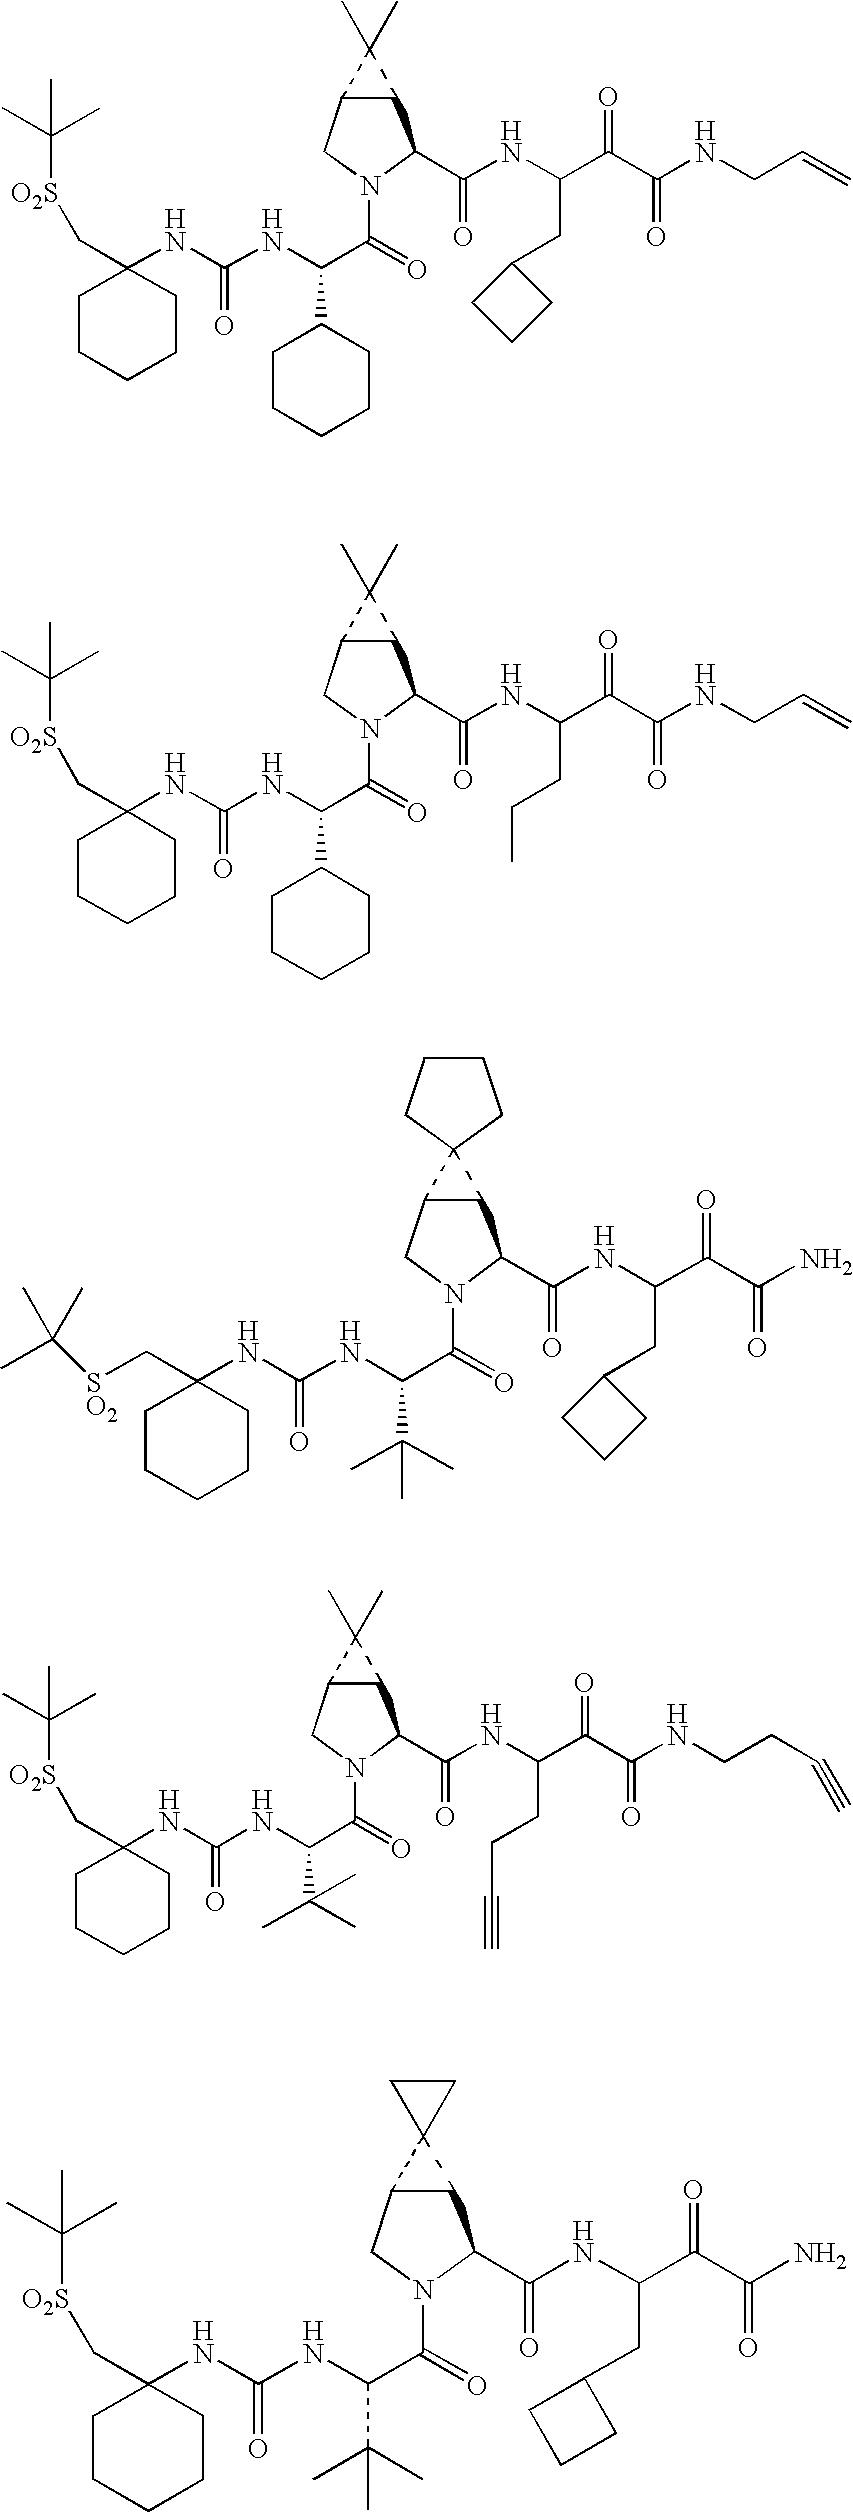 Figure US20060287248A1-20061221-C00446